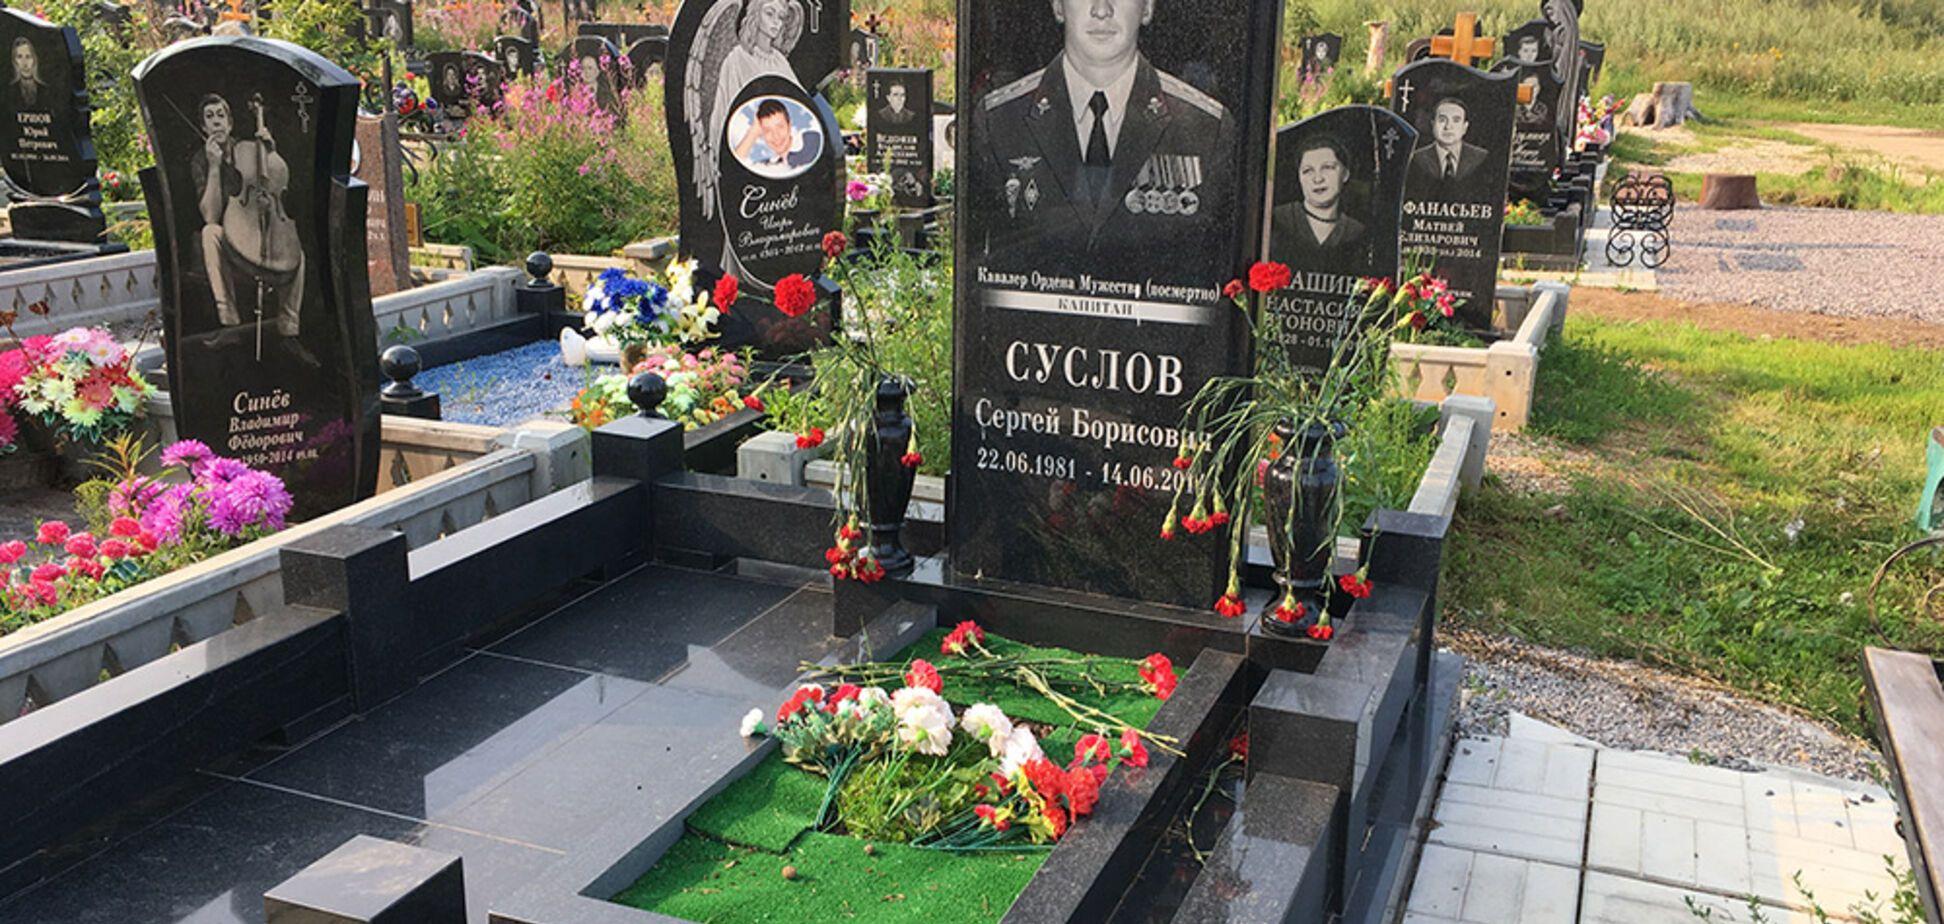 Дали орден за вбивства: знайшлося фото могили одного з терористів 'Л/ДНР' у Росії